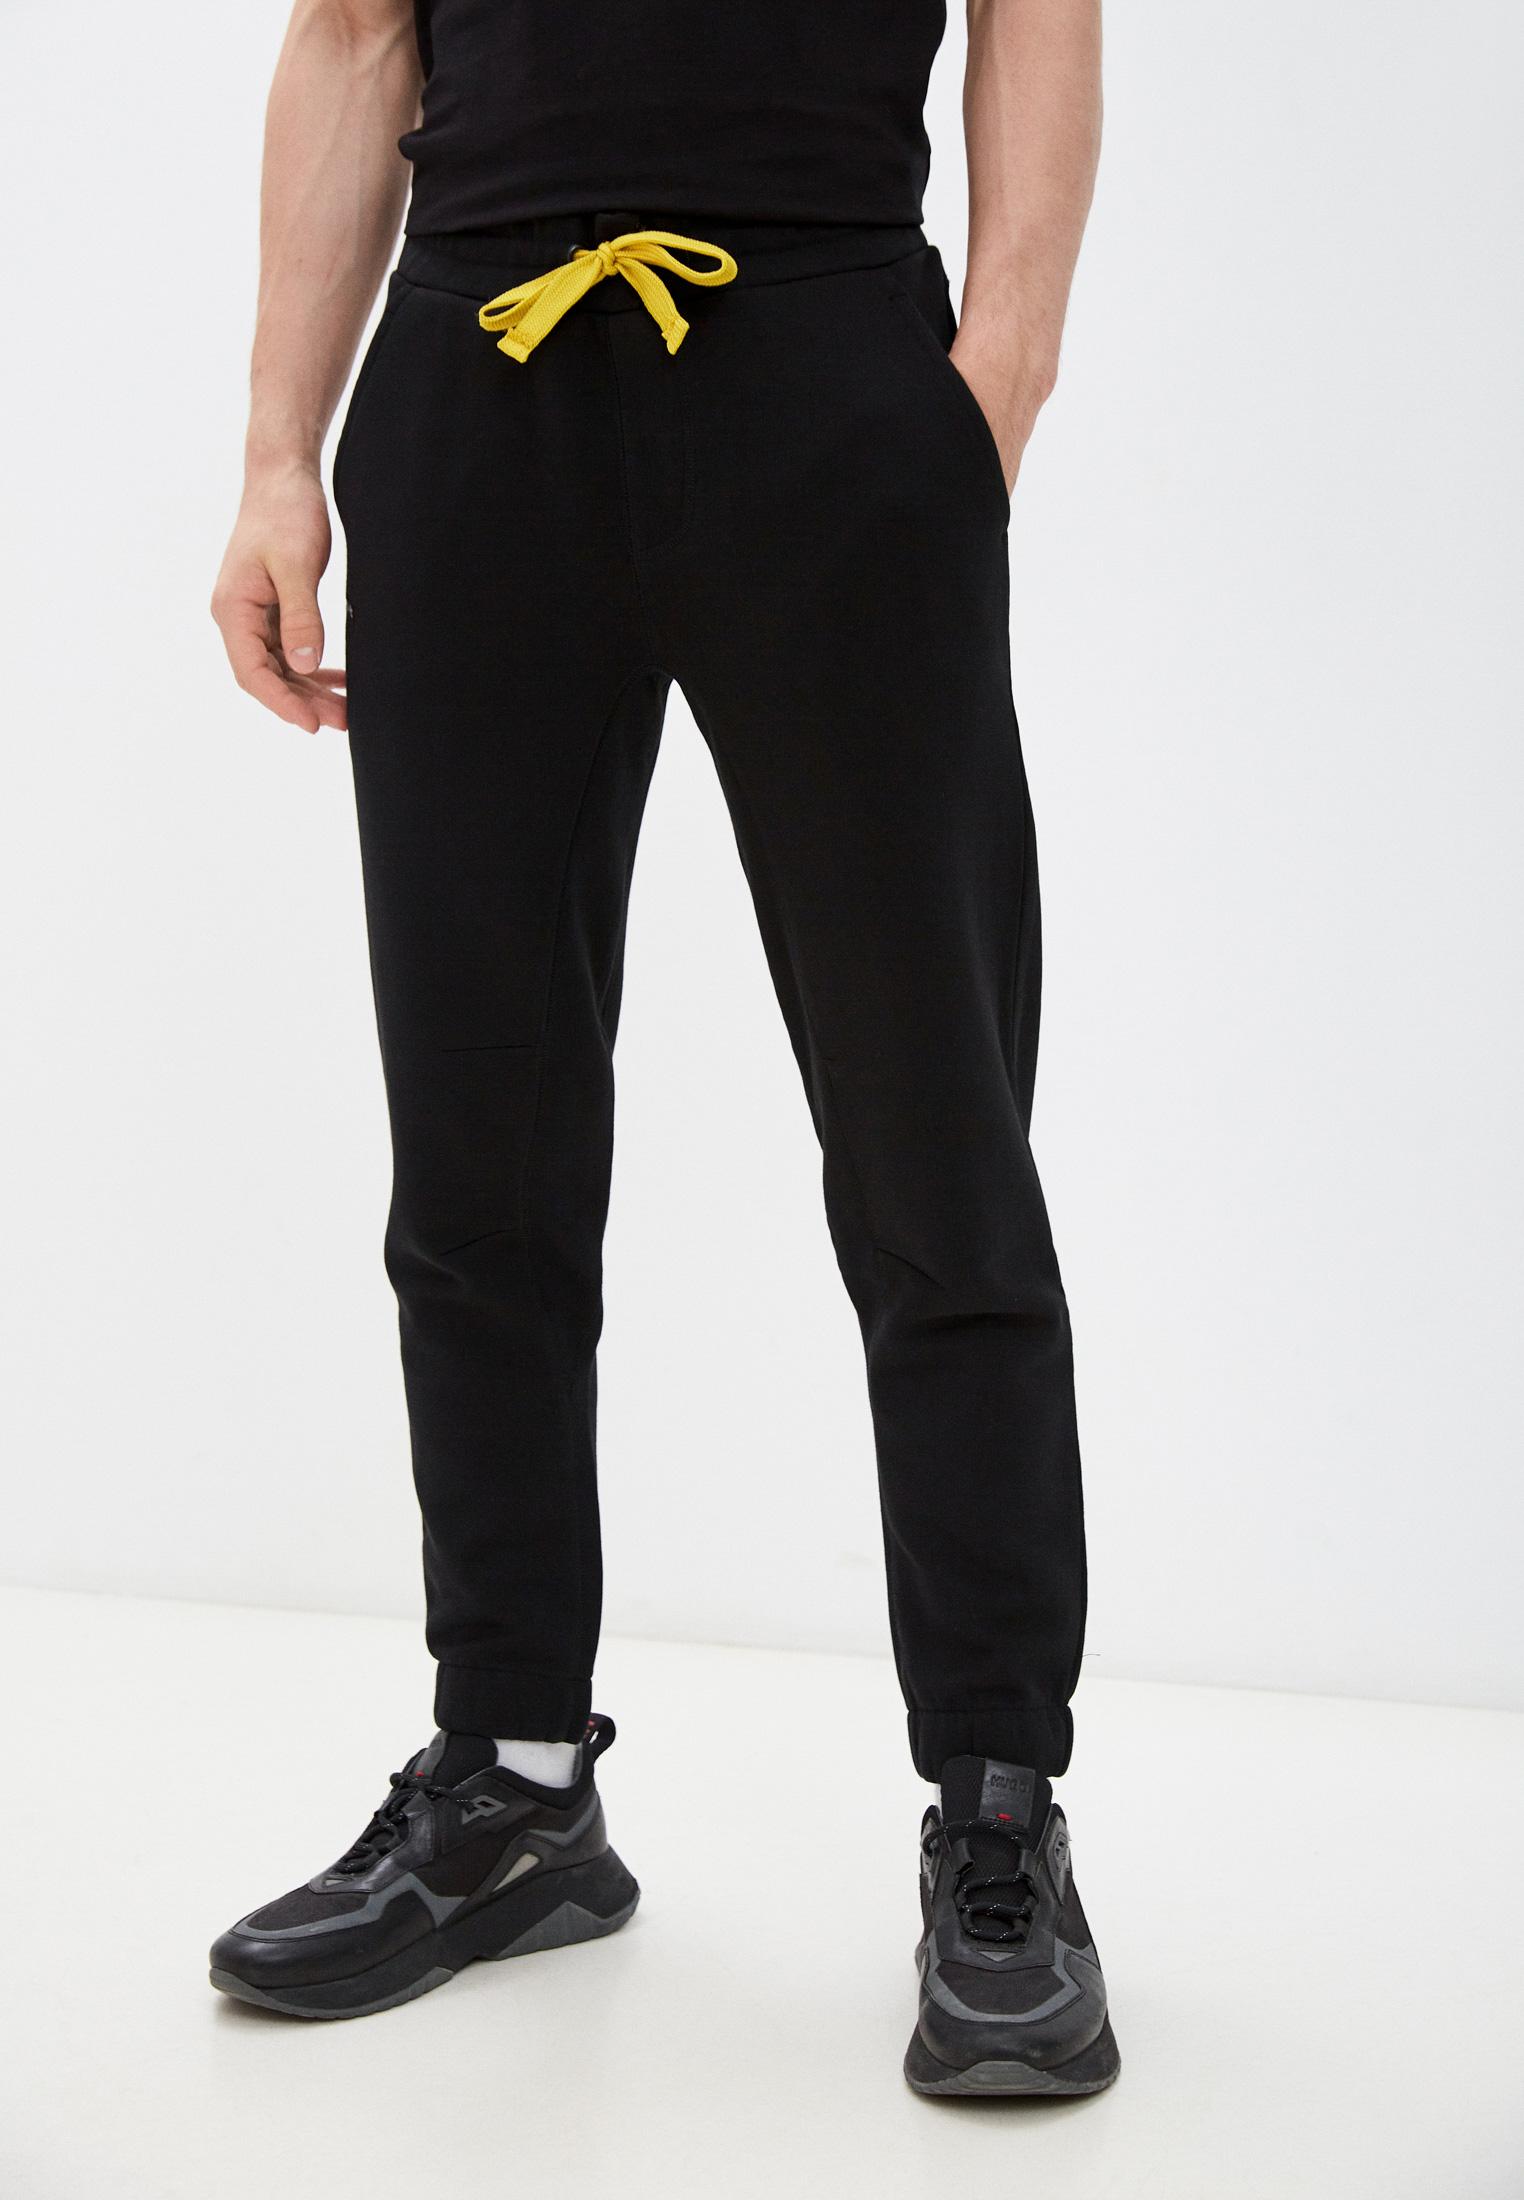 Мужские спортивные брюки Blauer usa Брюки спортивные Blauer USA